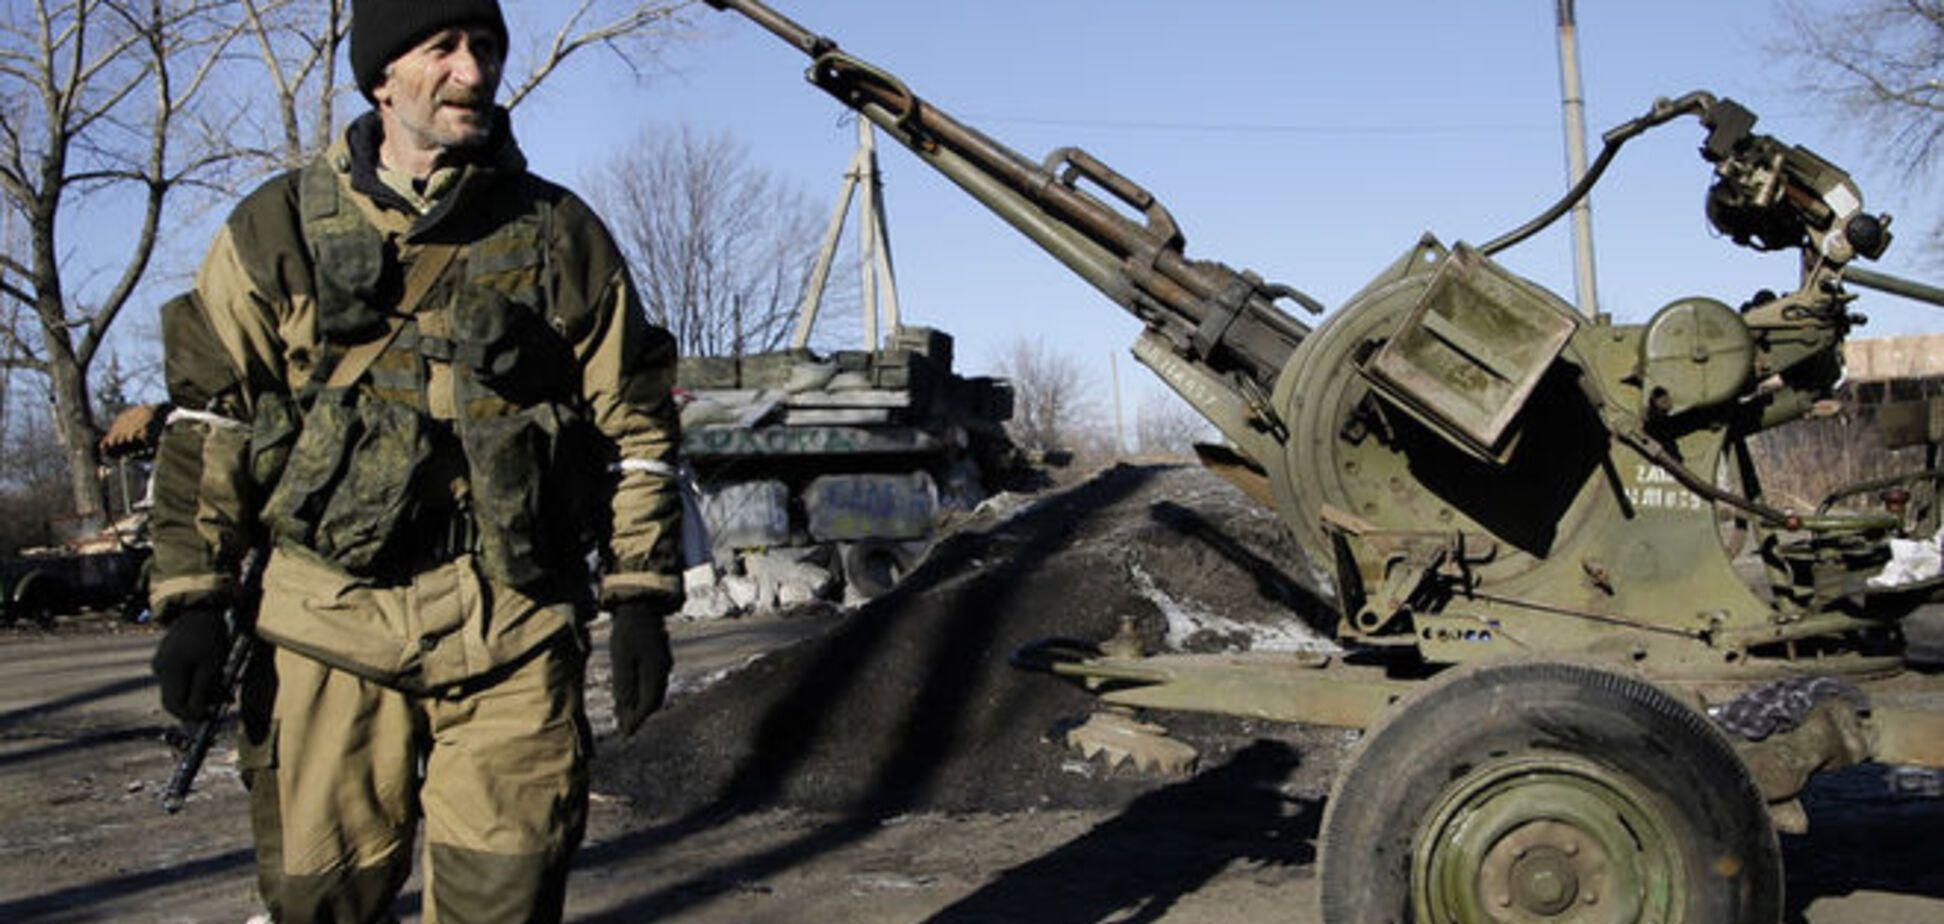 Военное руководство России взялось за переформатирование 'ДНР' и 'ЛНР'